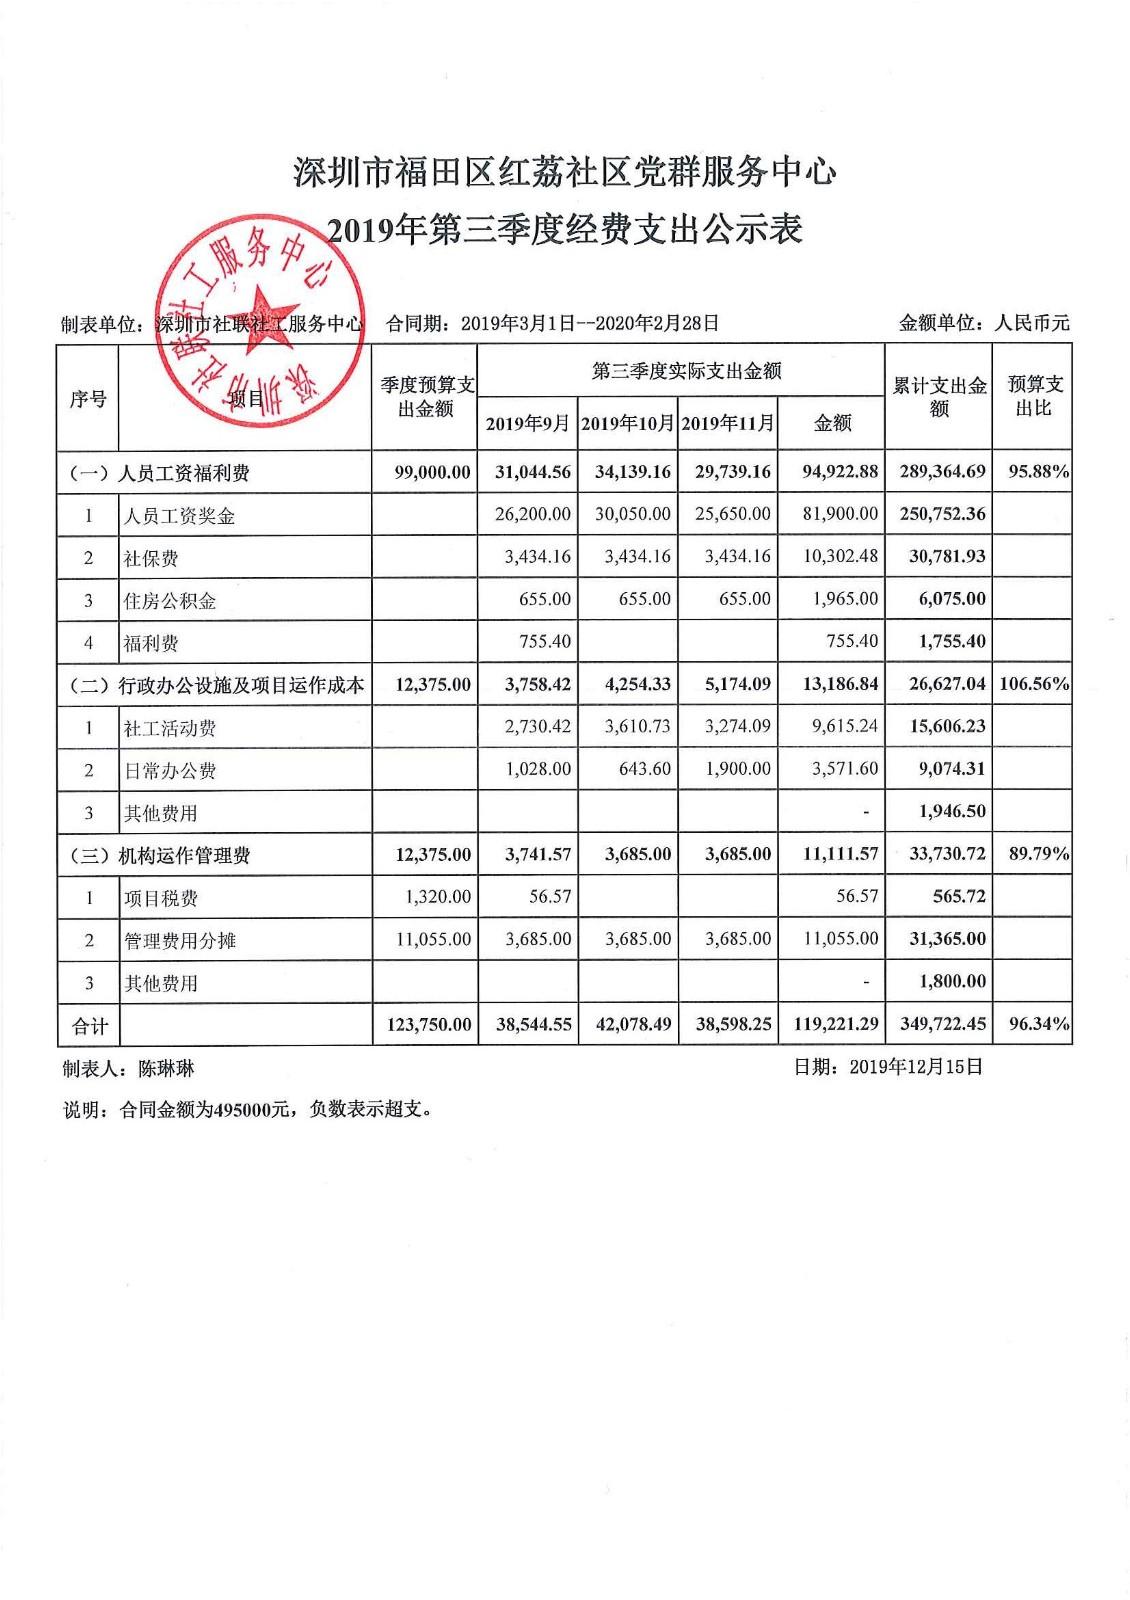 2019年第三季度红荔社区经费支出